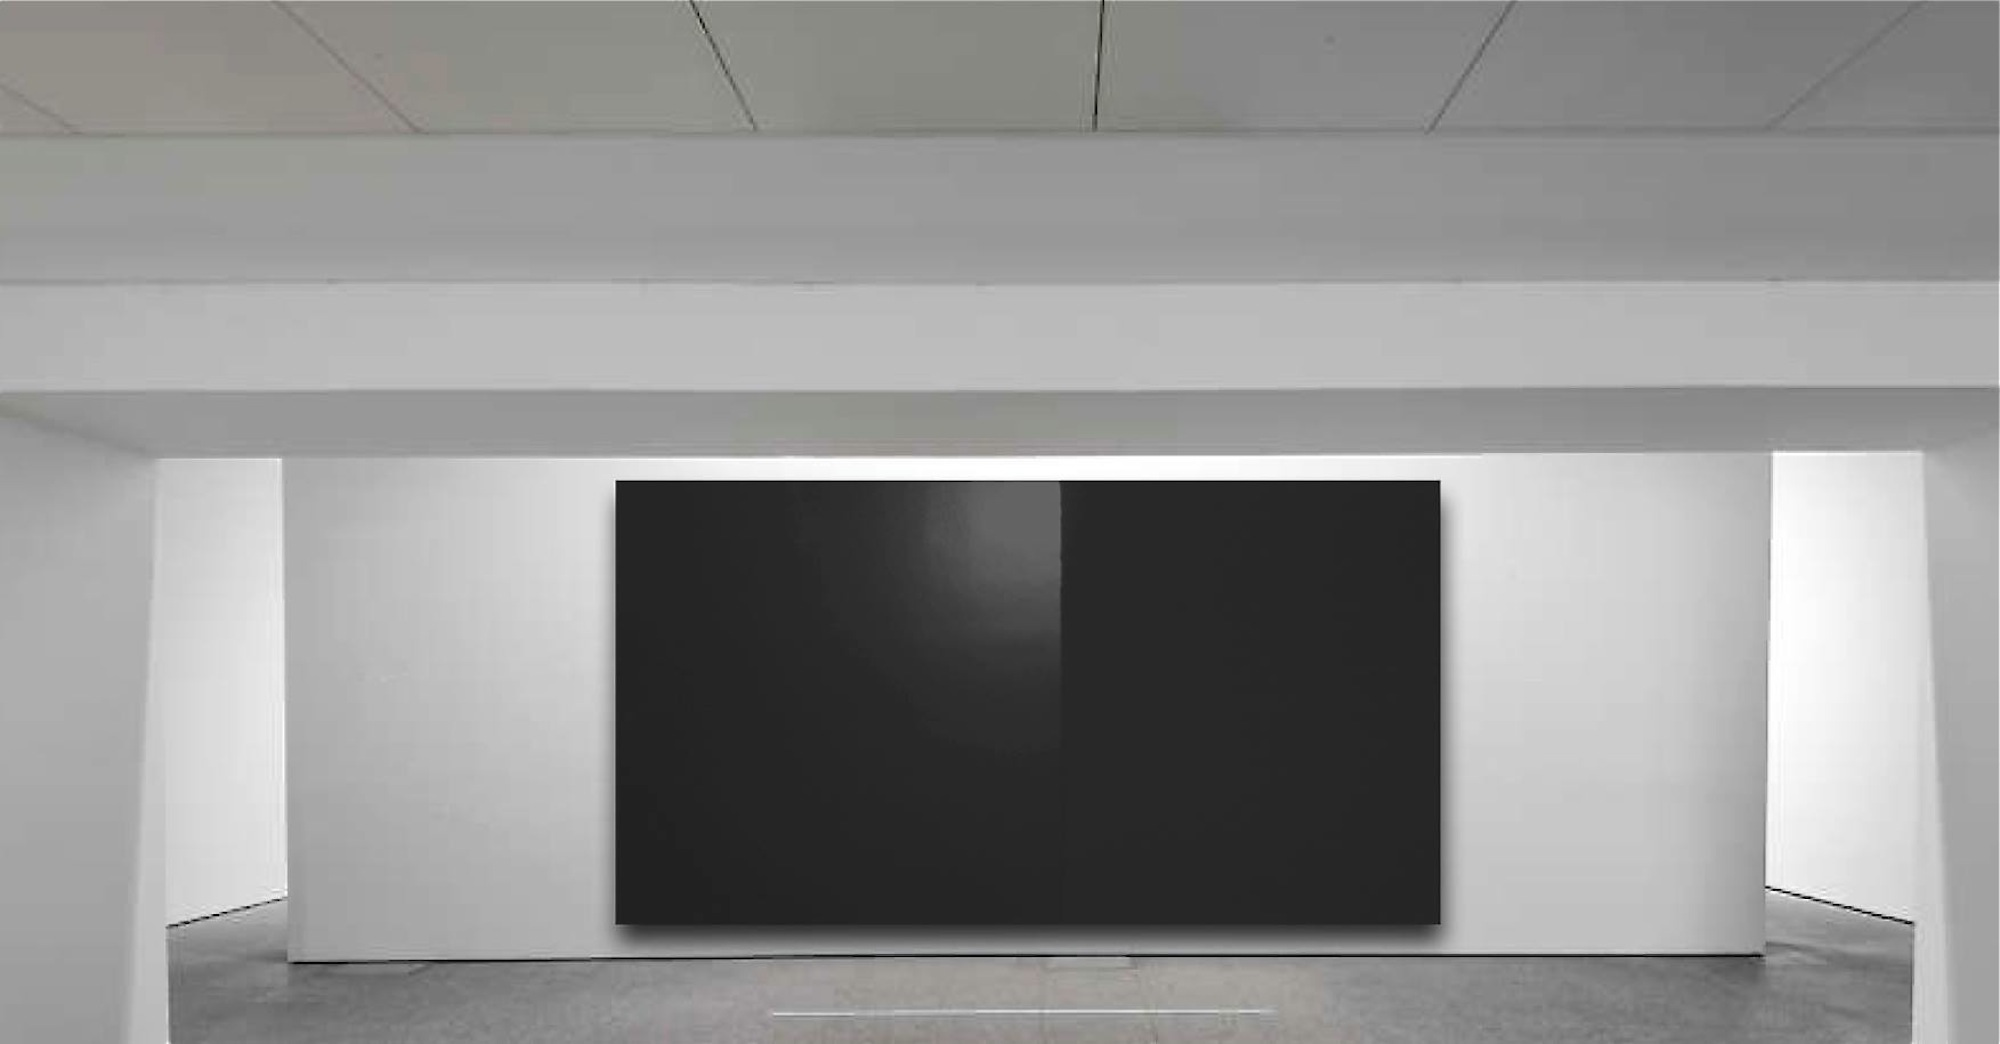 Philippe Chitarrini Sans titre Acrylique mate et glyce_ro satine_e sur toile (200 x 340 x 6 cm) 2017 72 dpi